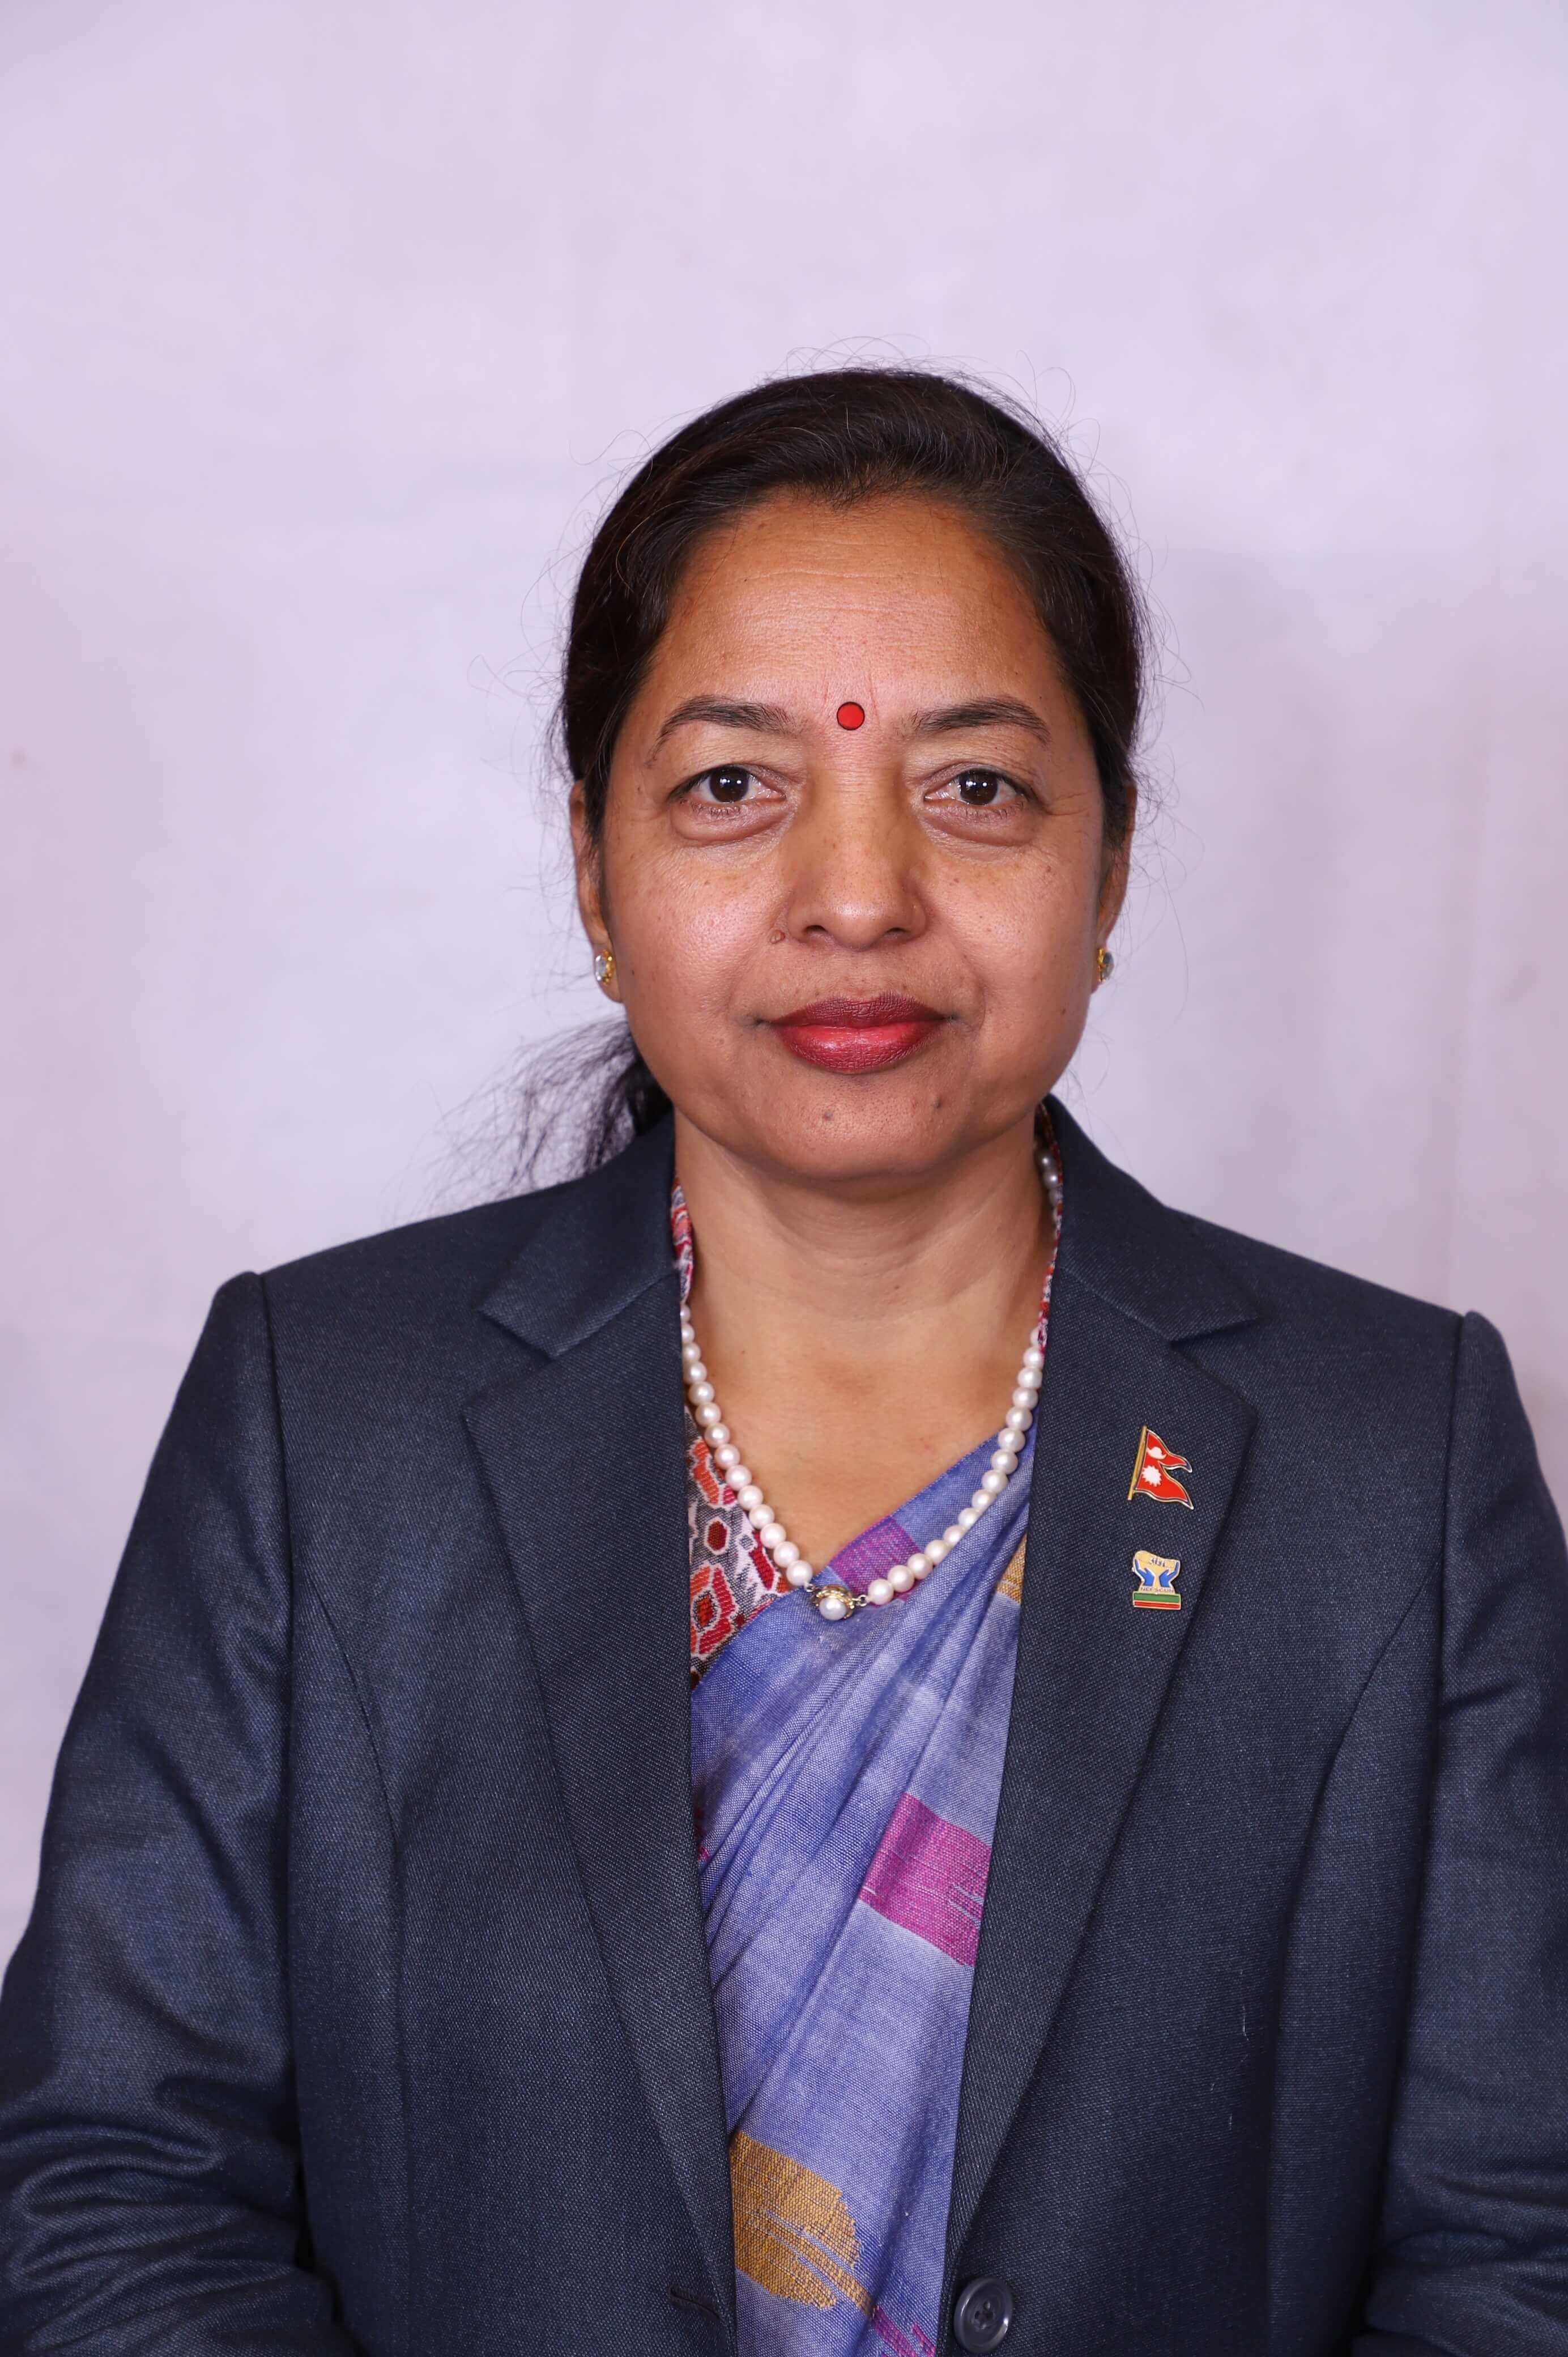 Ms. Shanti Adhikari